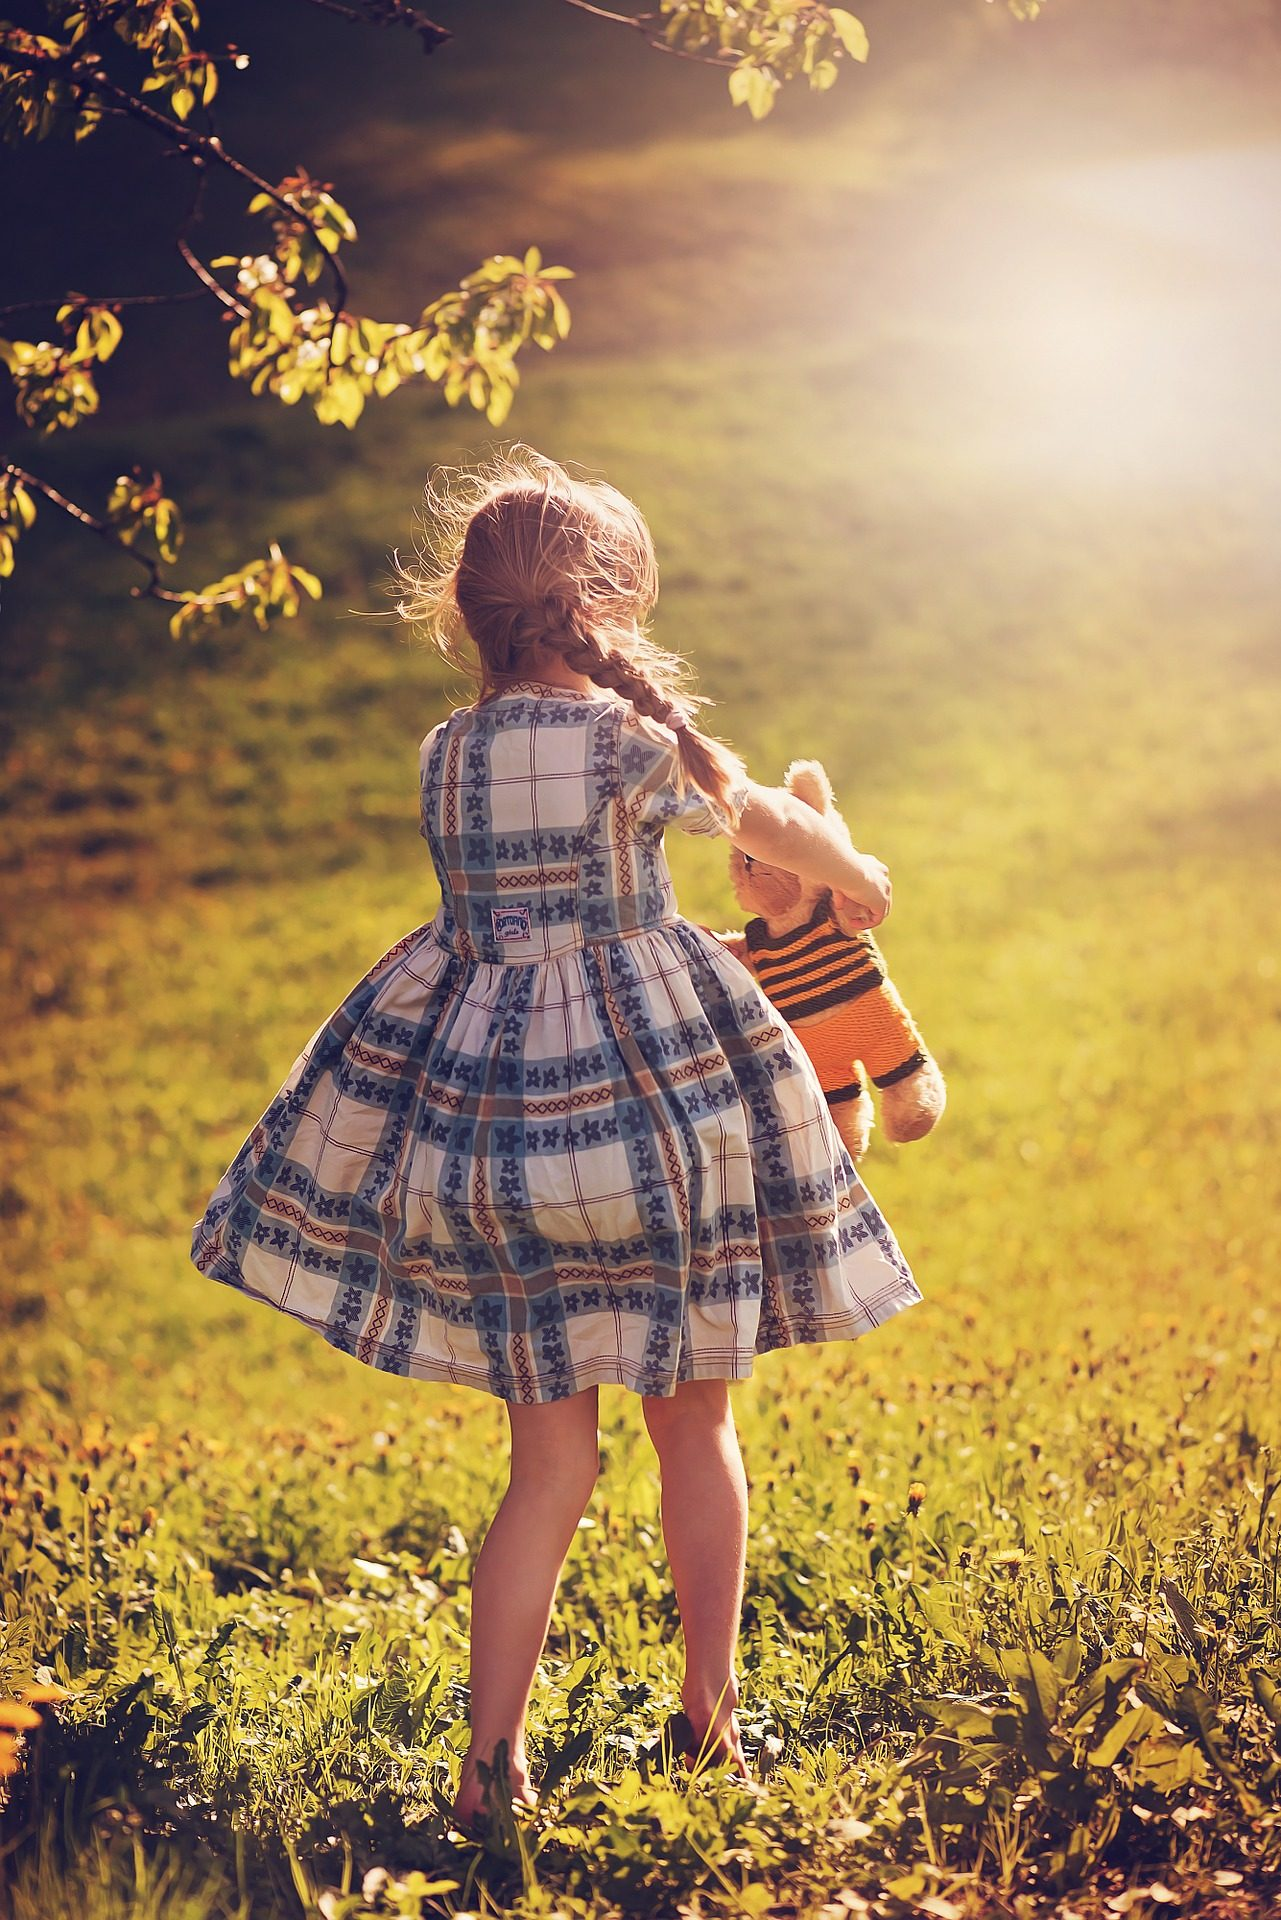 jeune fille, robe, tresses, Teddy, jeu, Jardin - Fonds d'écran HD - Professor-falken.com